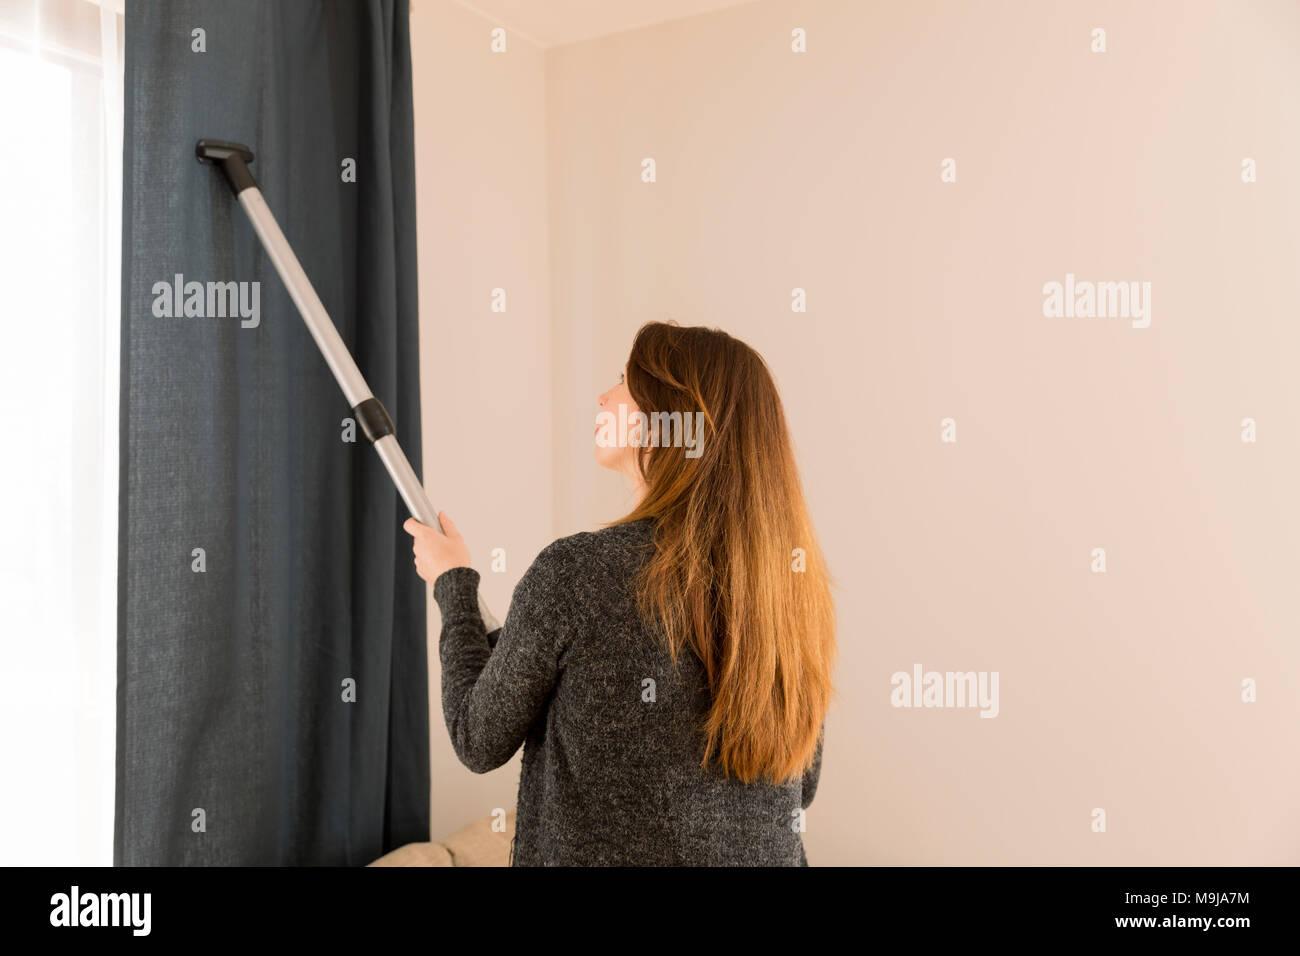 Le persone, i lavori domestici e il servizio di pulizie concetto - donna con aspirapolvere a casa. Pulizia a tendina. Pulizia di Primavera Immagini Stock